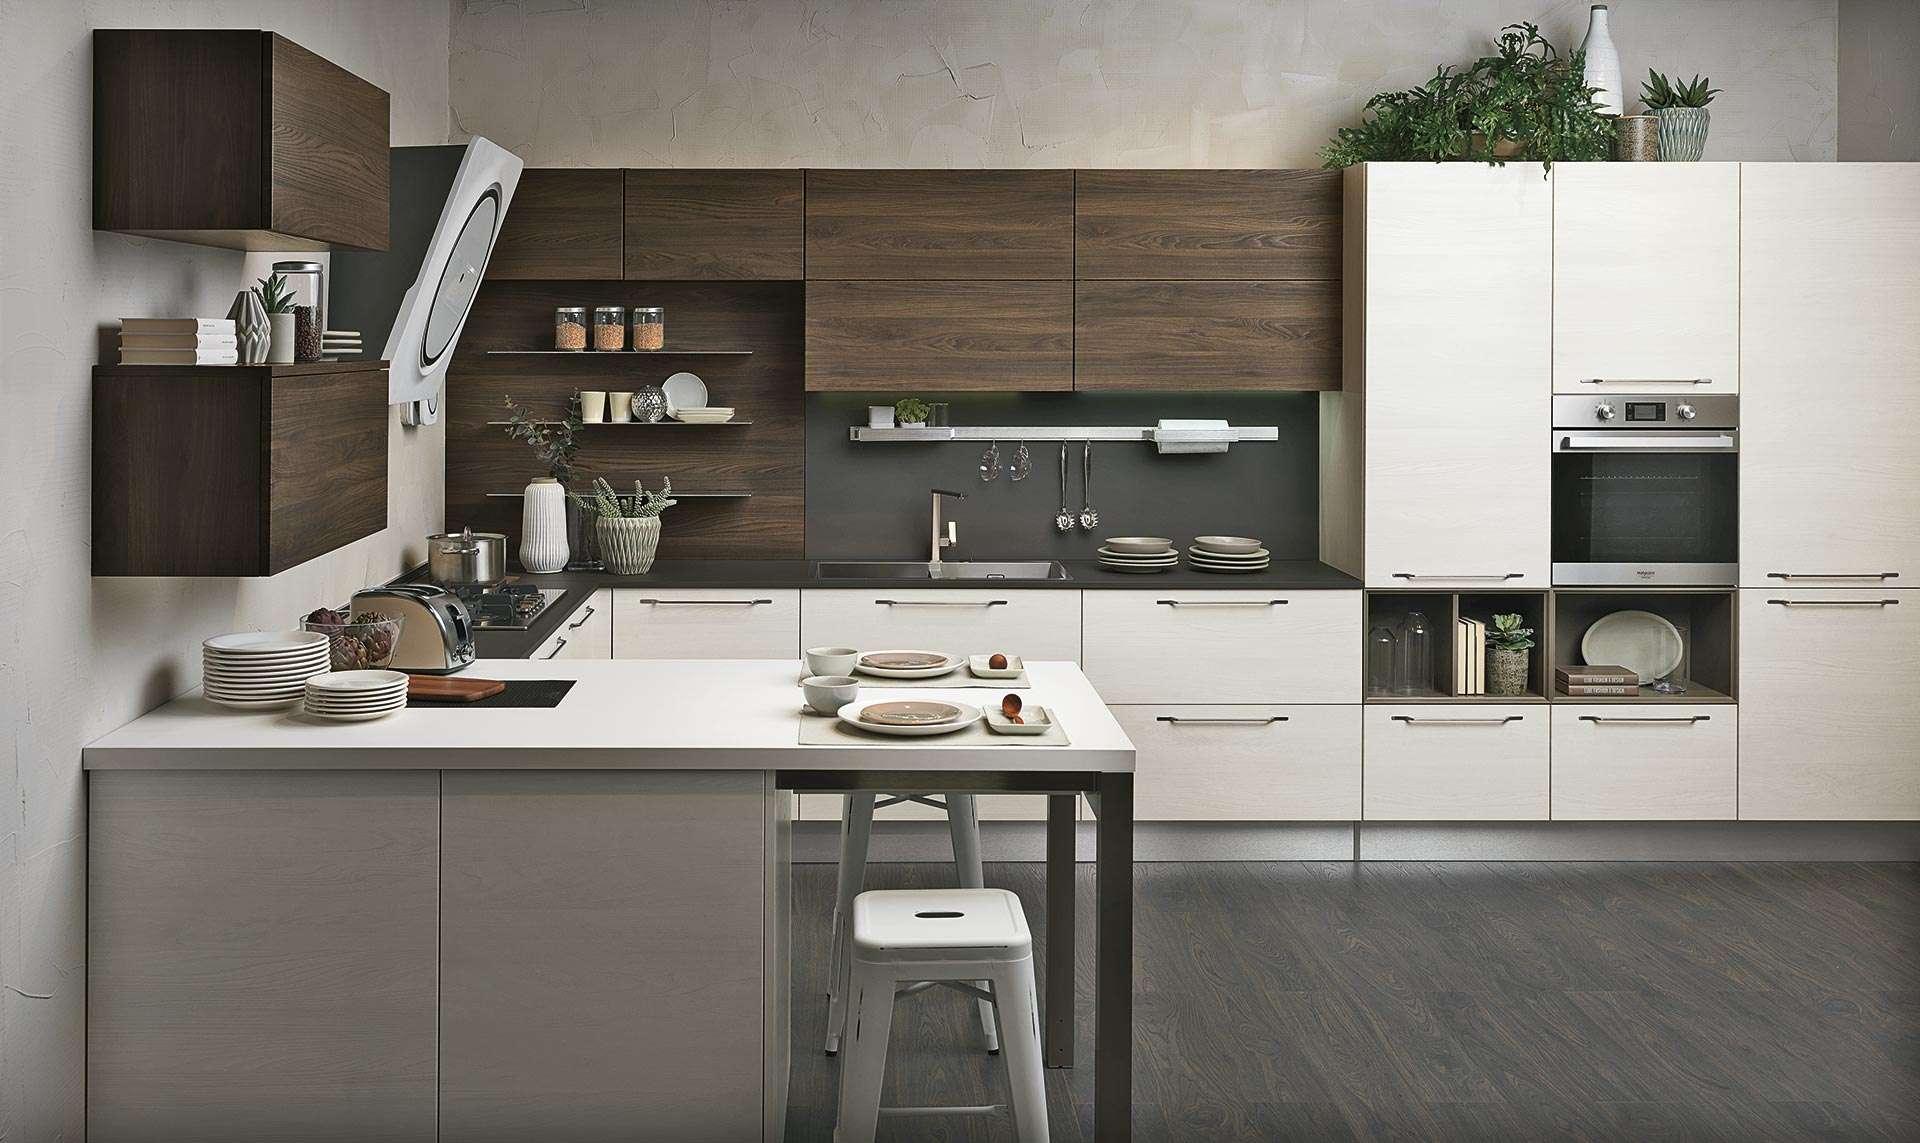 Modifiche cucine il nuovo trend italiano dell 39 arredamento for Cucine low cost roma